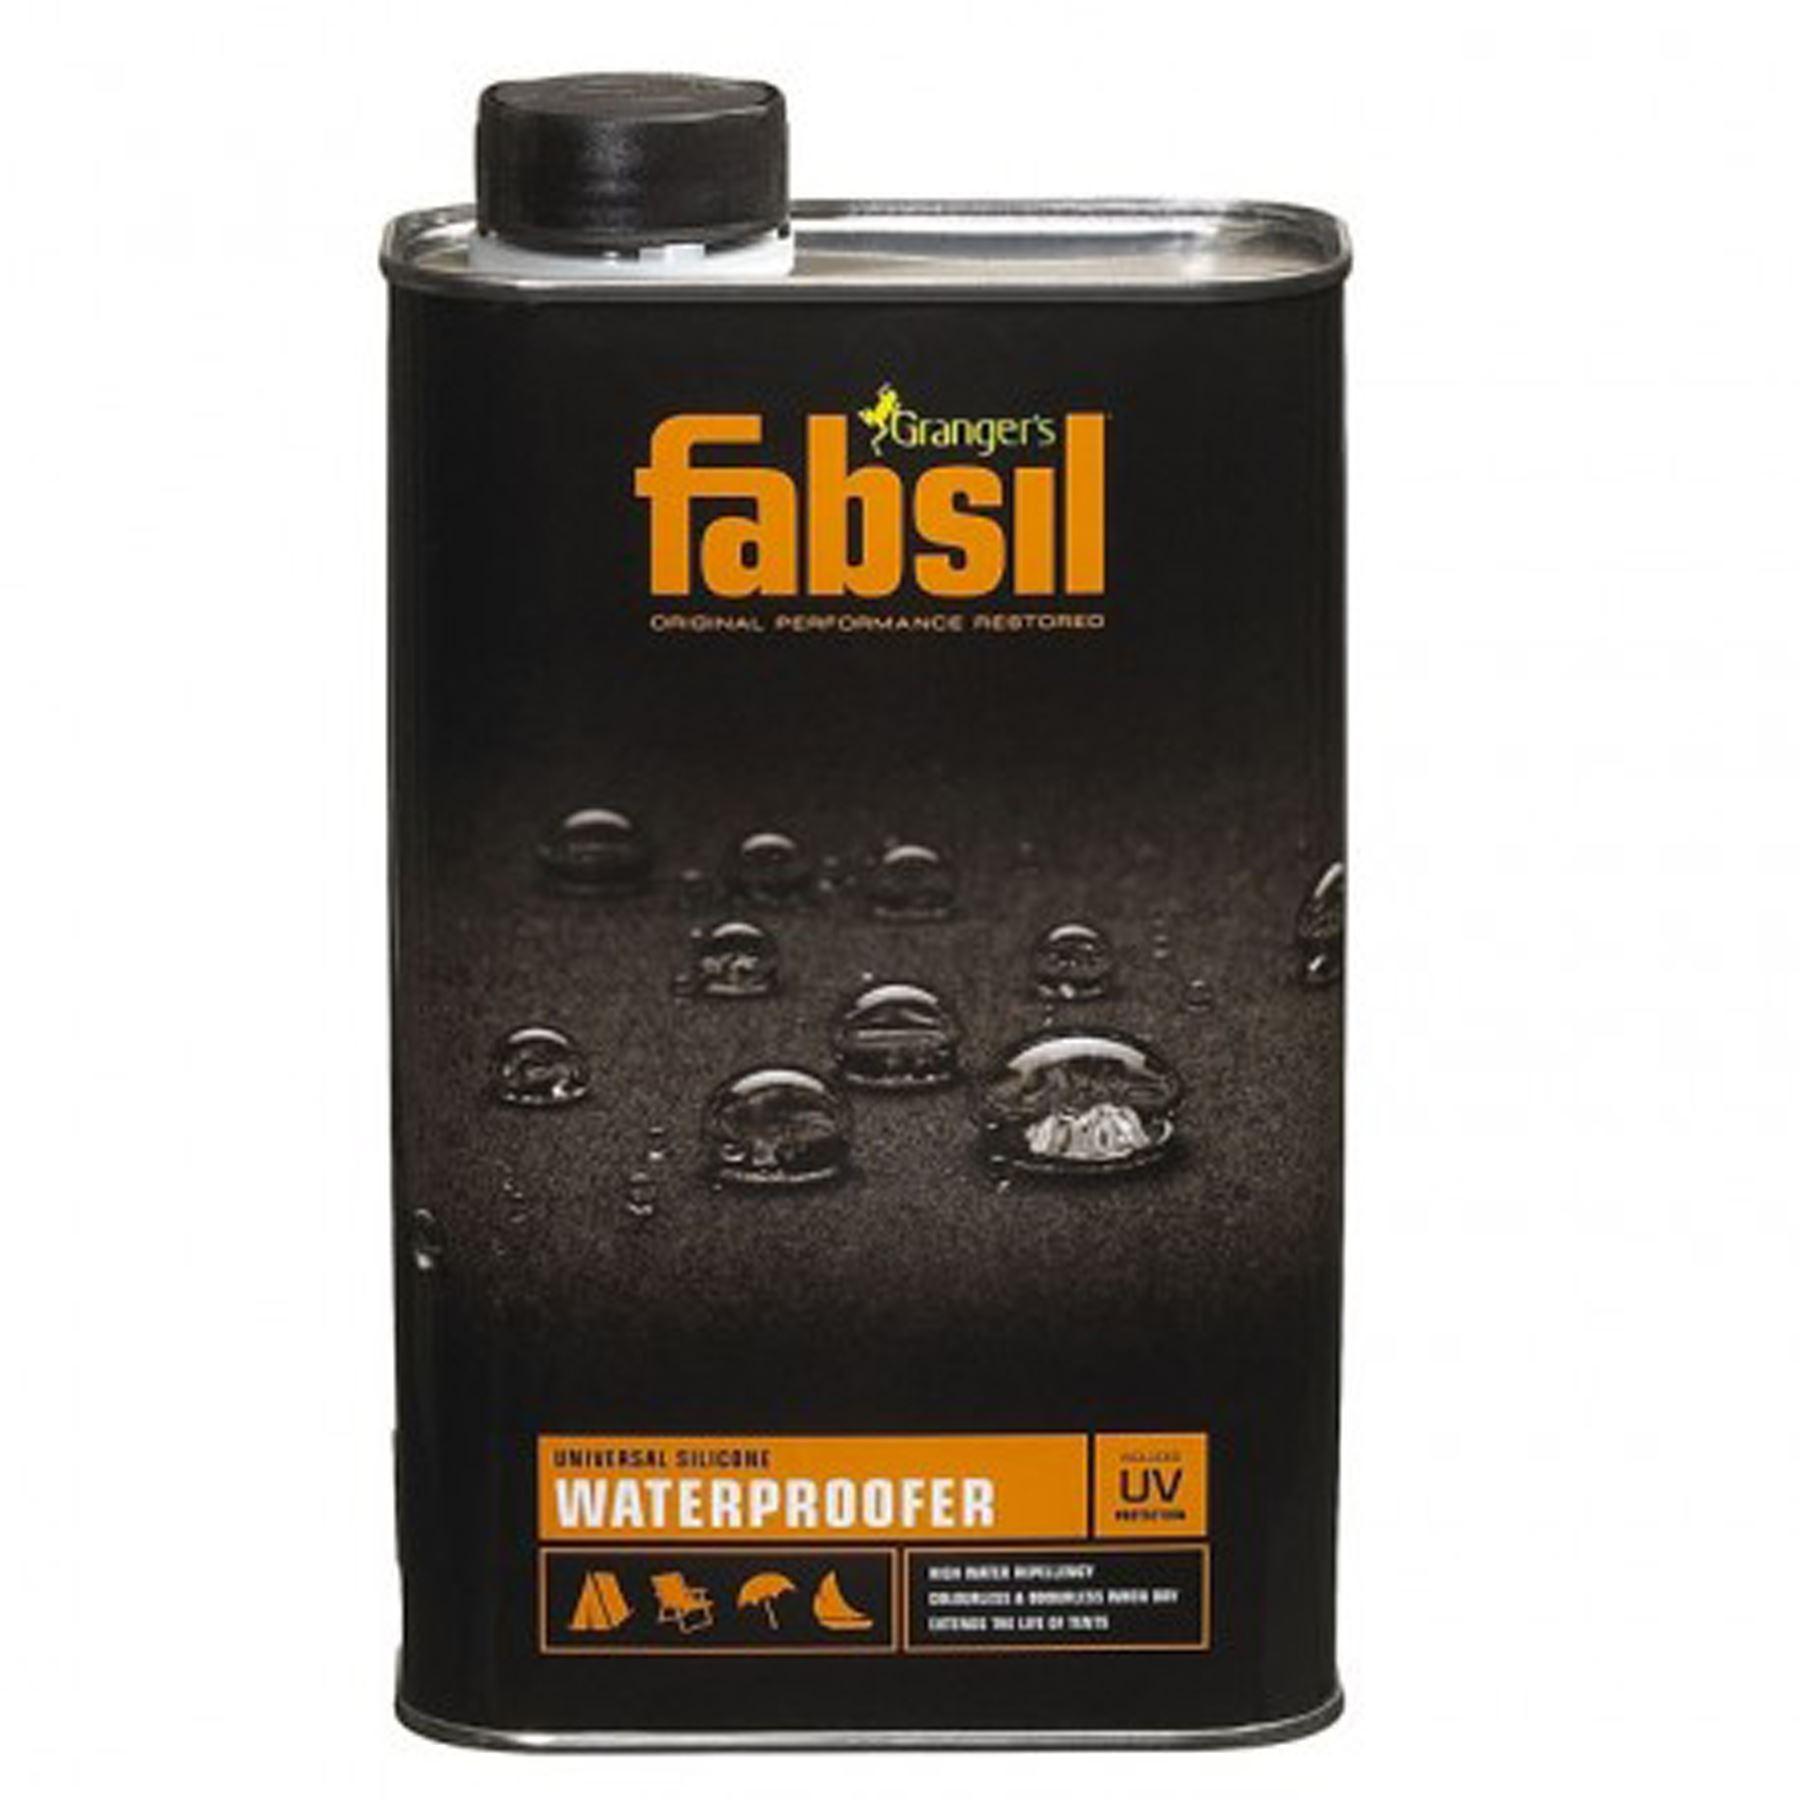 Grangers Fabsil UV Waterproofer Sealant Waterproofing Tent ...